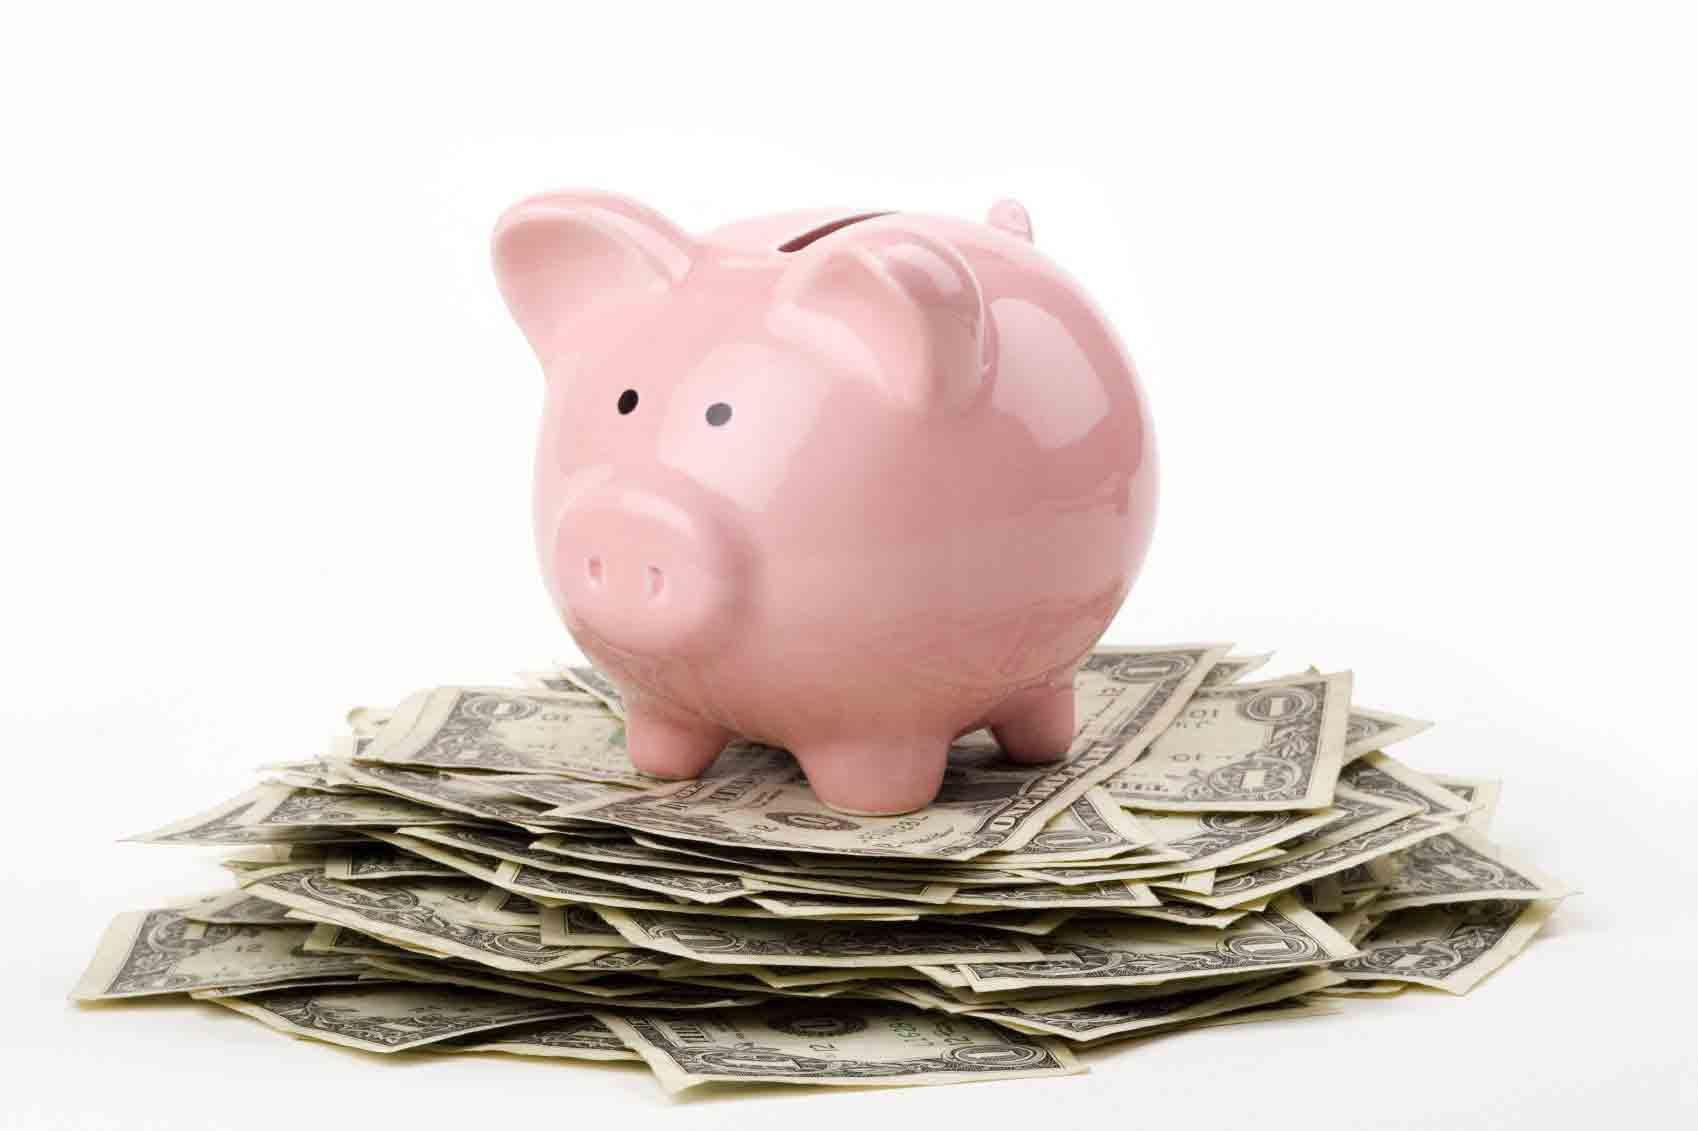 Plazos fijos: ¿Cuánto paga cada banco hoy viernes 23 de abril? | Garantia Plus